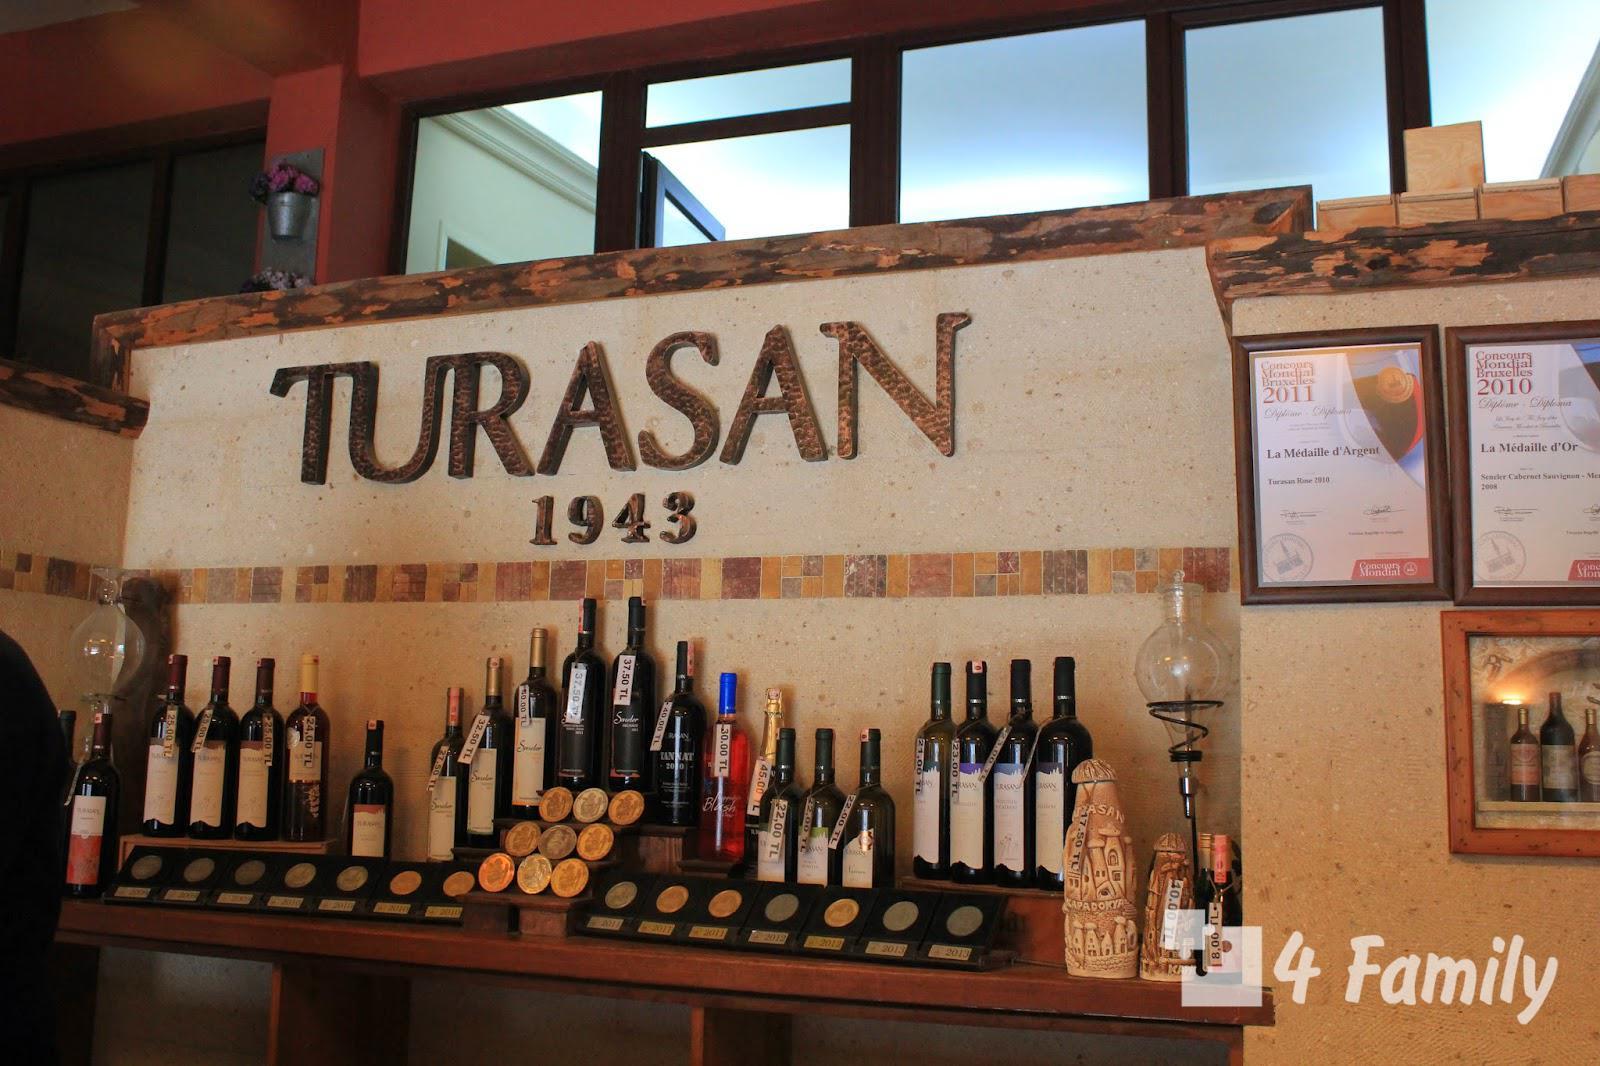 4family Как выбрать турецкое вино